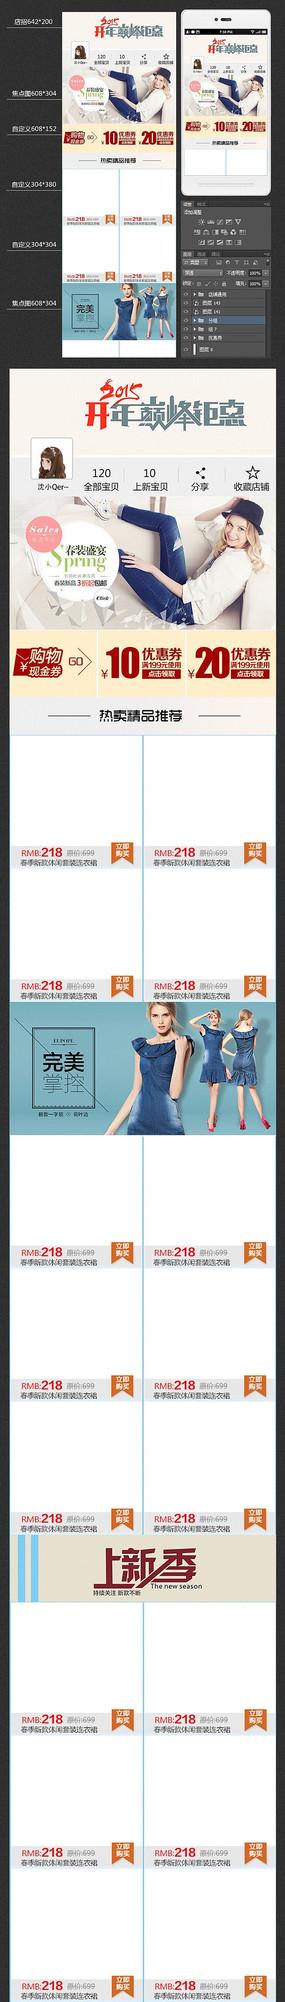 淘宝春季服装店铺手机端首页模板设计